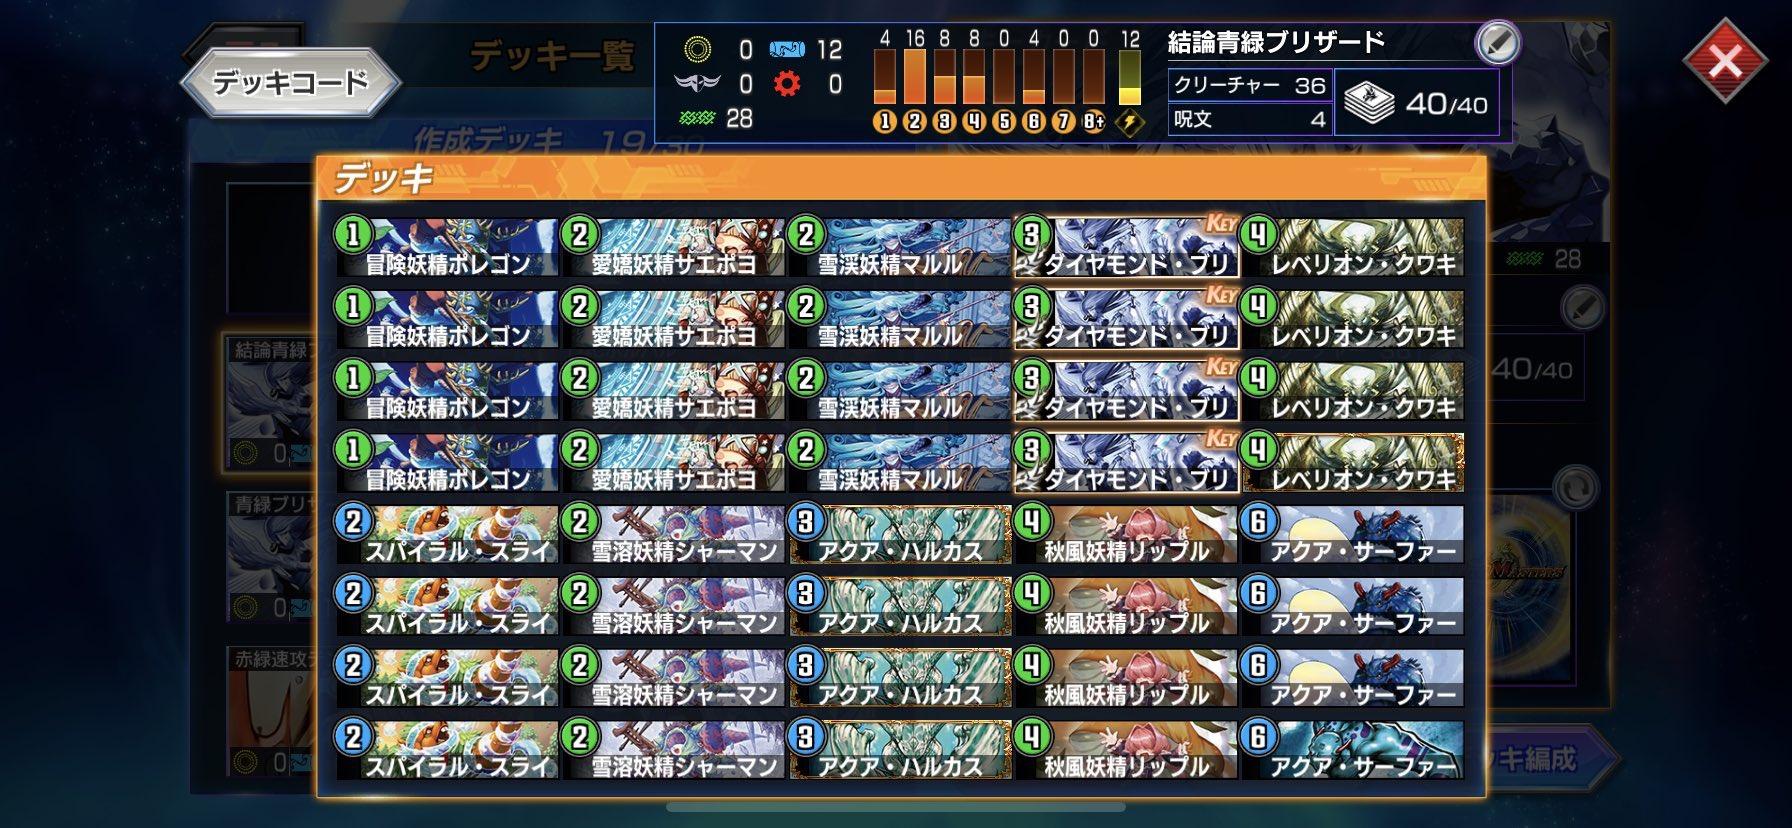 優勝:青緑ダイヤモンドブリザード@くりぃむさん